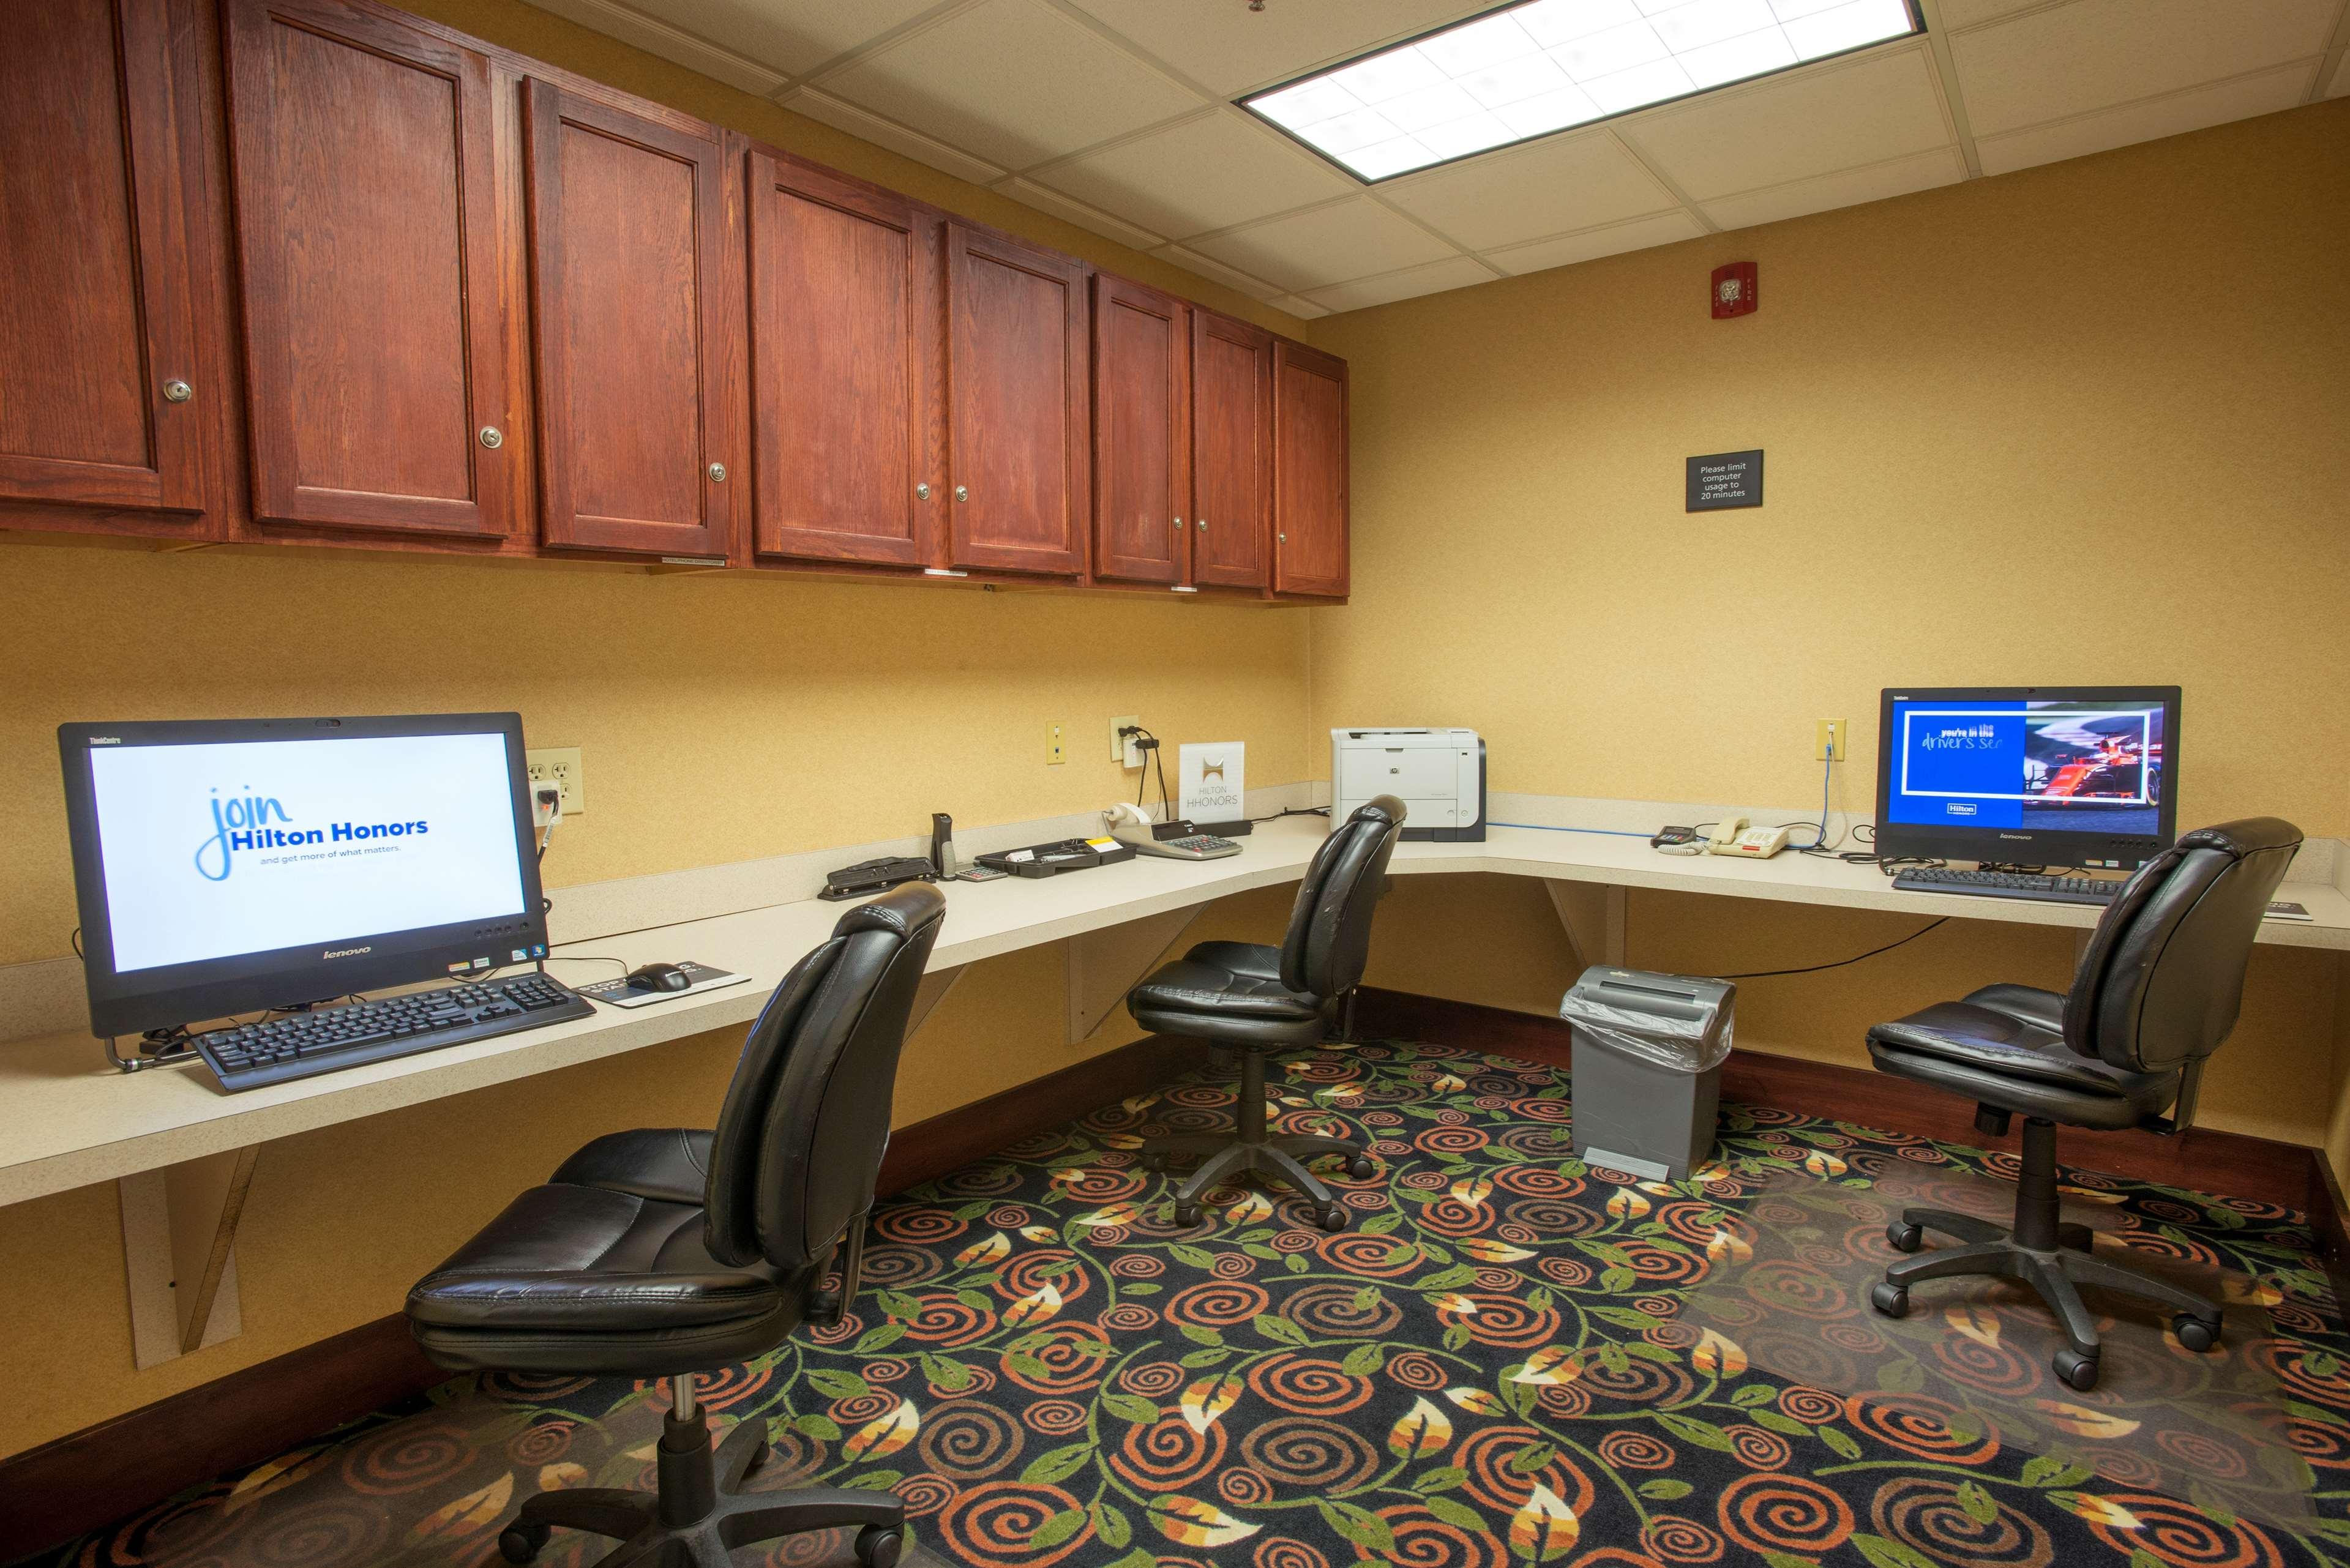 Hampton Inn & Suites Dayton-Airport image 38